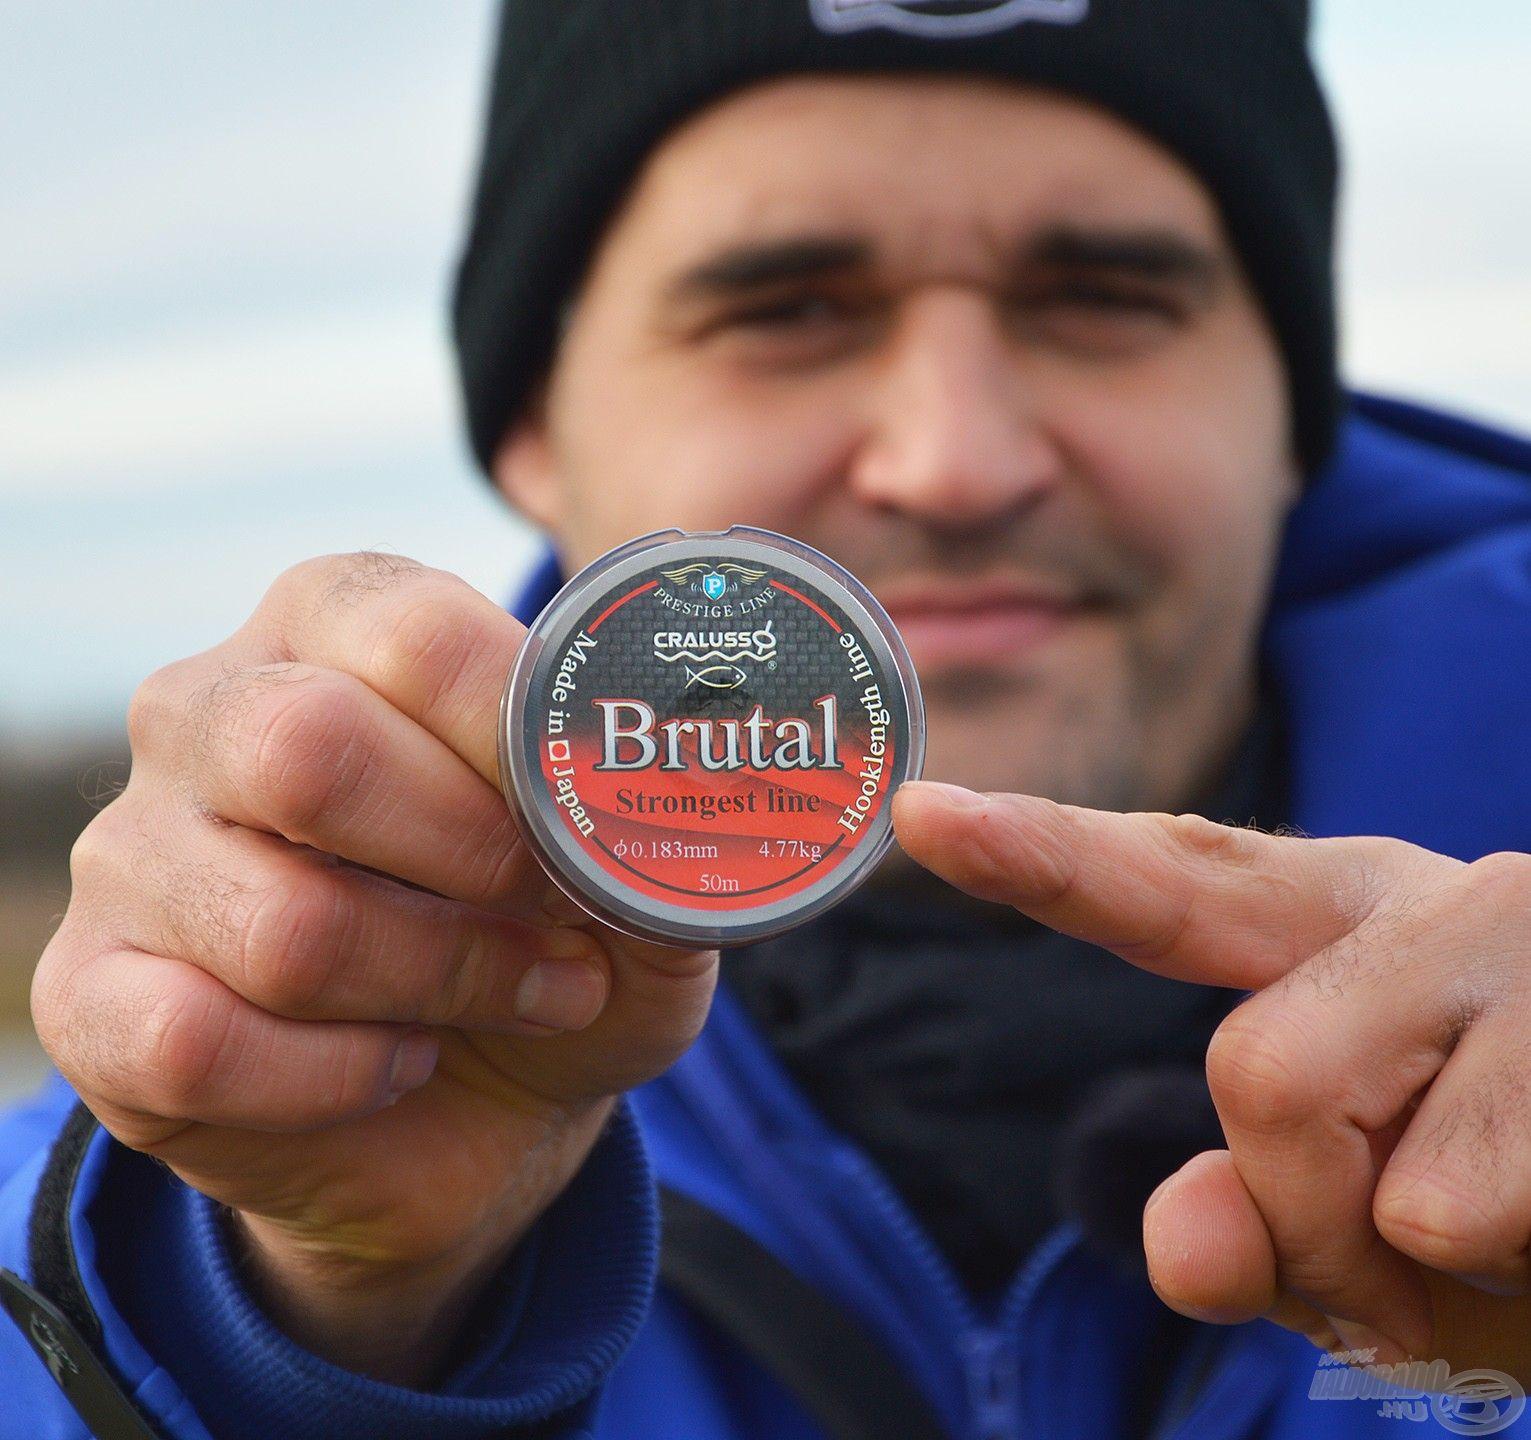 Method horgászathoz, főleg kezdő szinten, nem preferálom a 0,18 mm-nél vékonyabb méretet